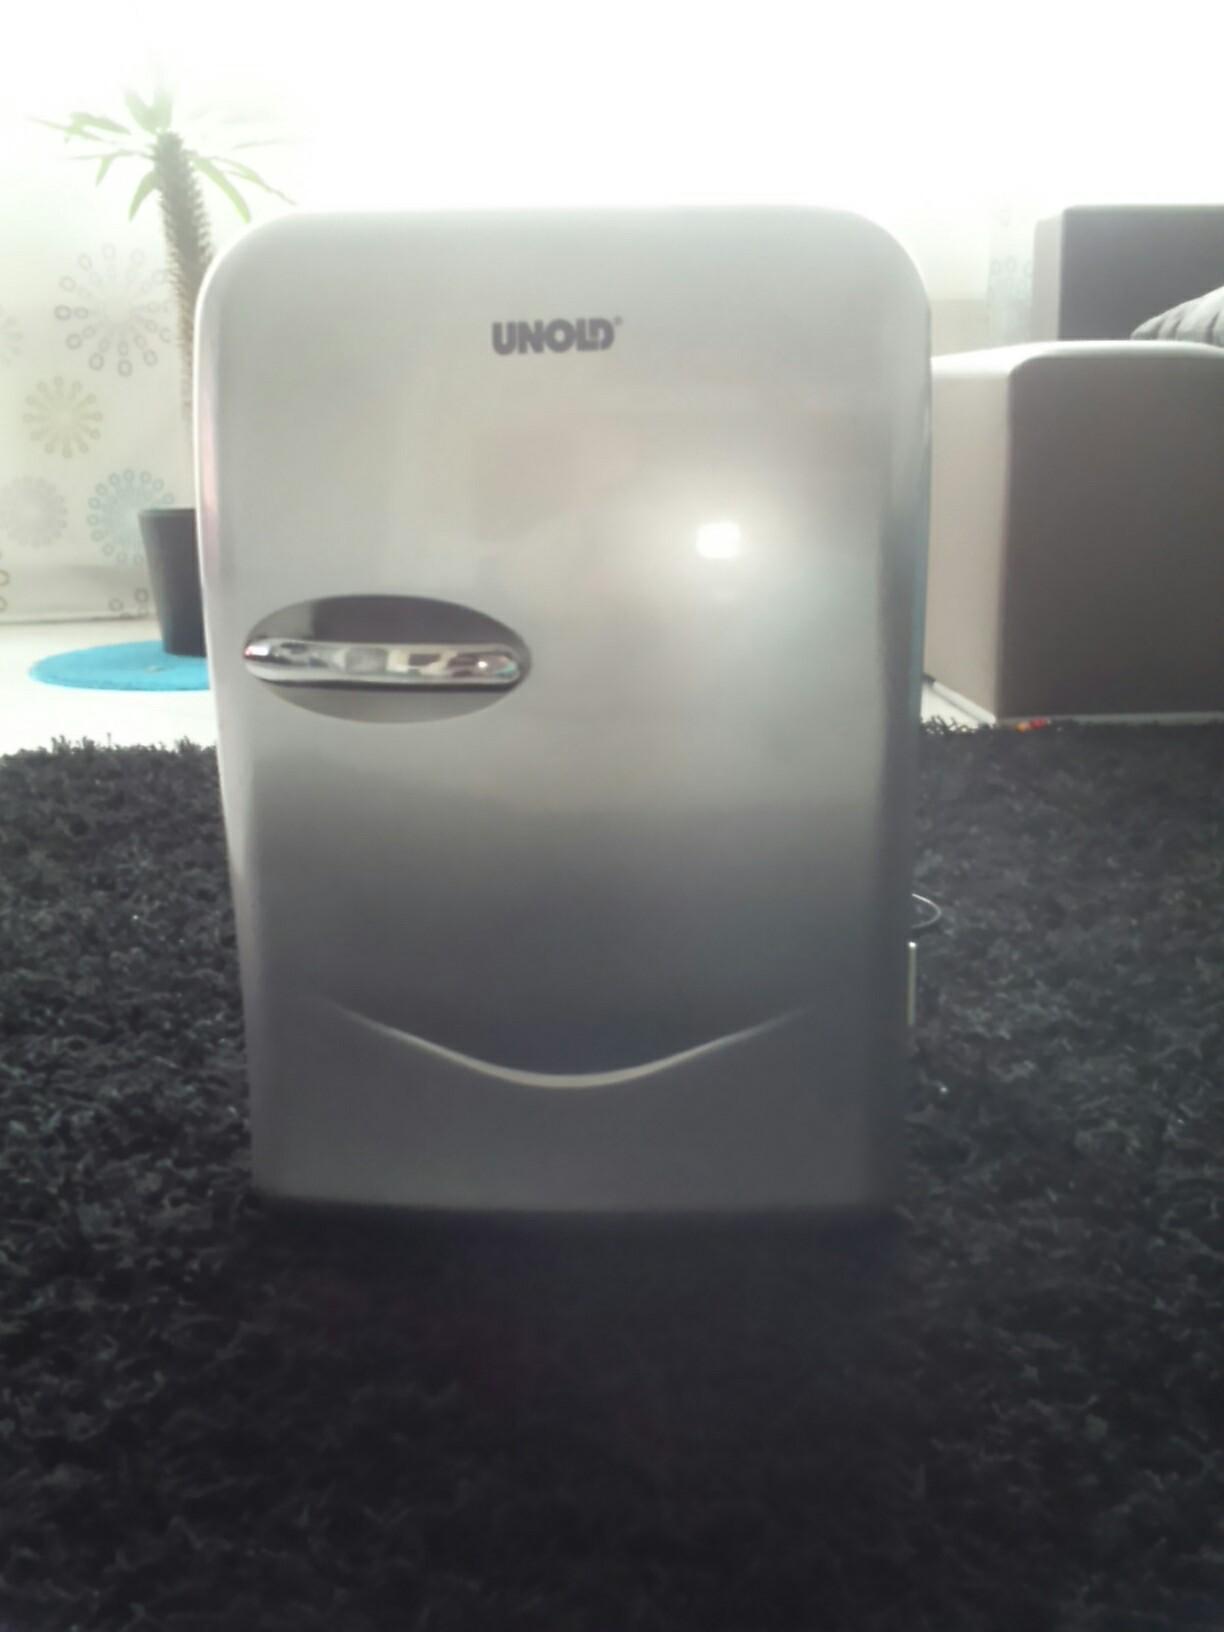 Mini Kühlschrank Unold : Unold eismaschine deluxe  w für l eiscreme hertie